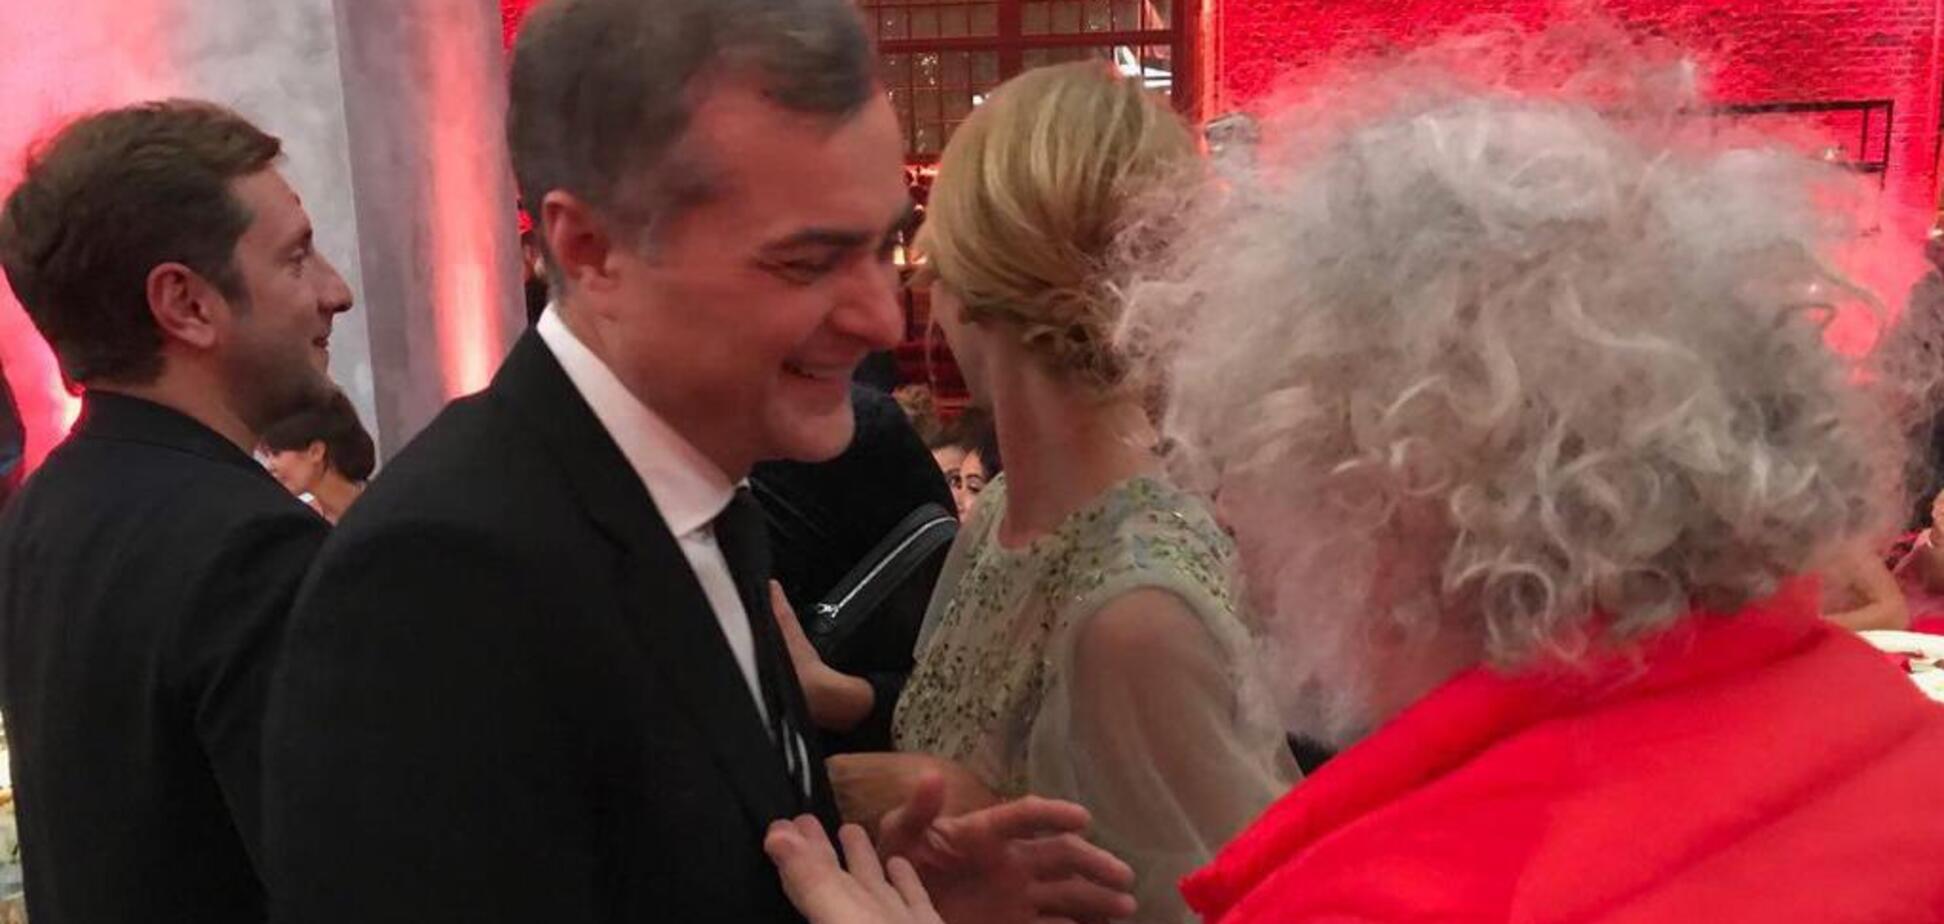 'Не о чем с тобой говорить': стало известно о ссоре Суркова и Венедиктова на свадьбе Собчак